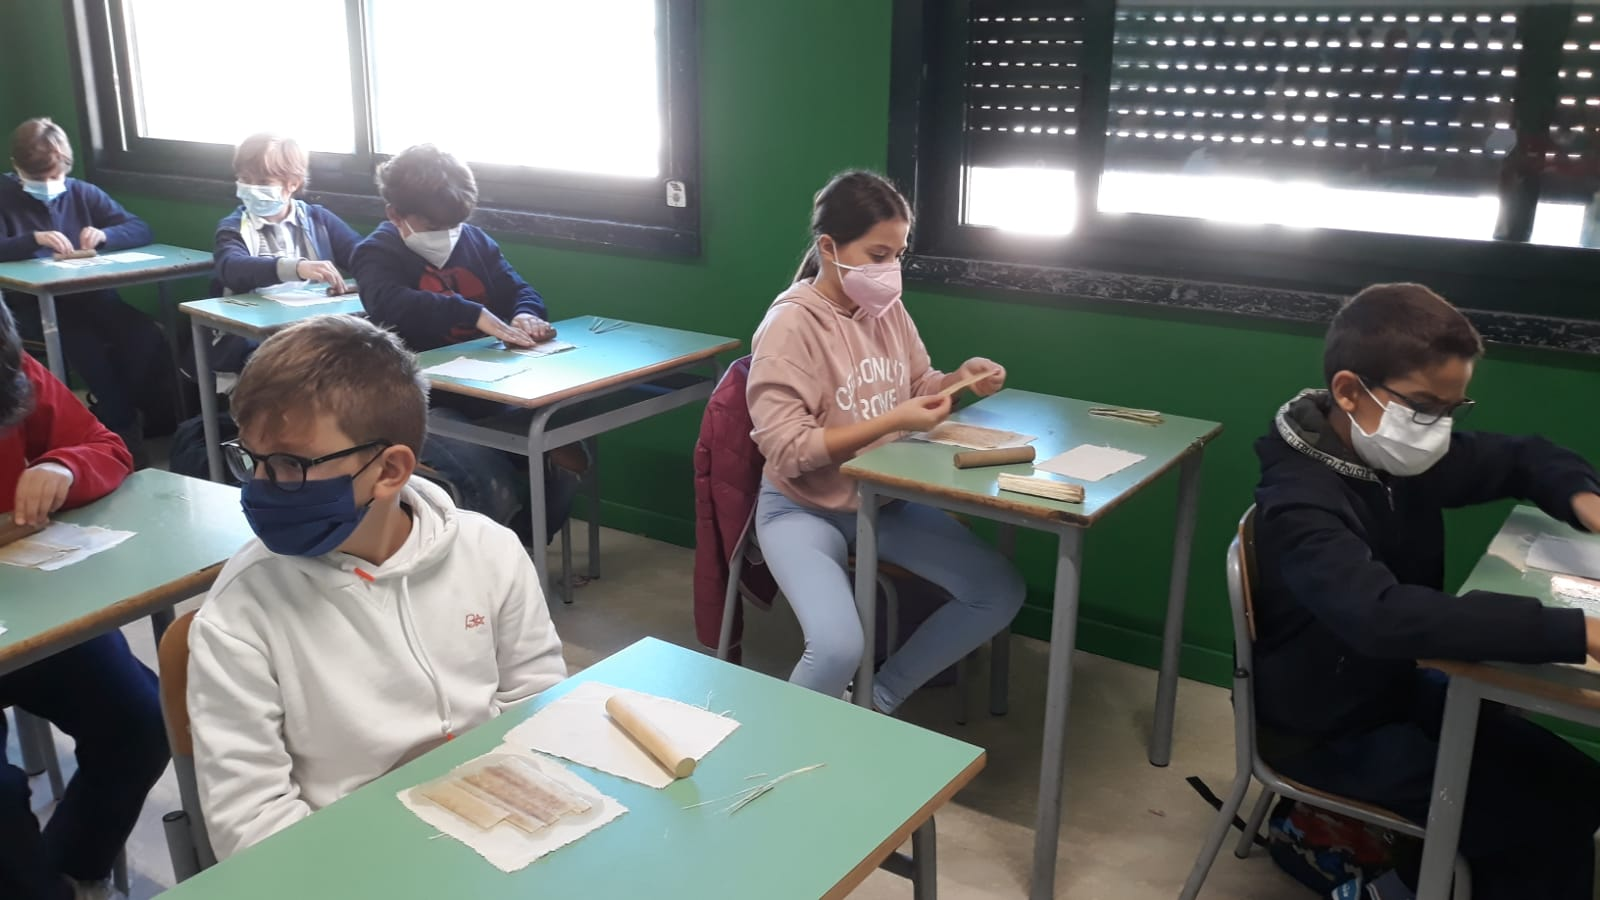 ic cavour catania progetto Dal papiro alla carta